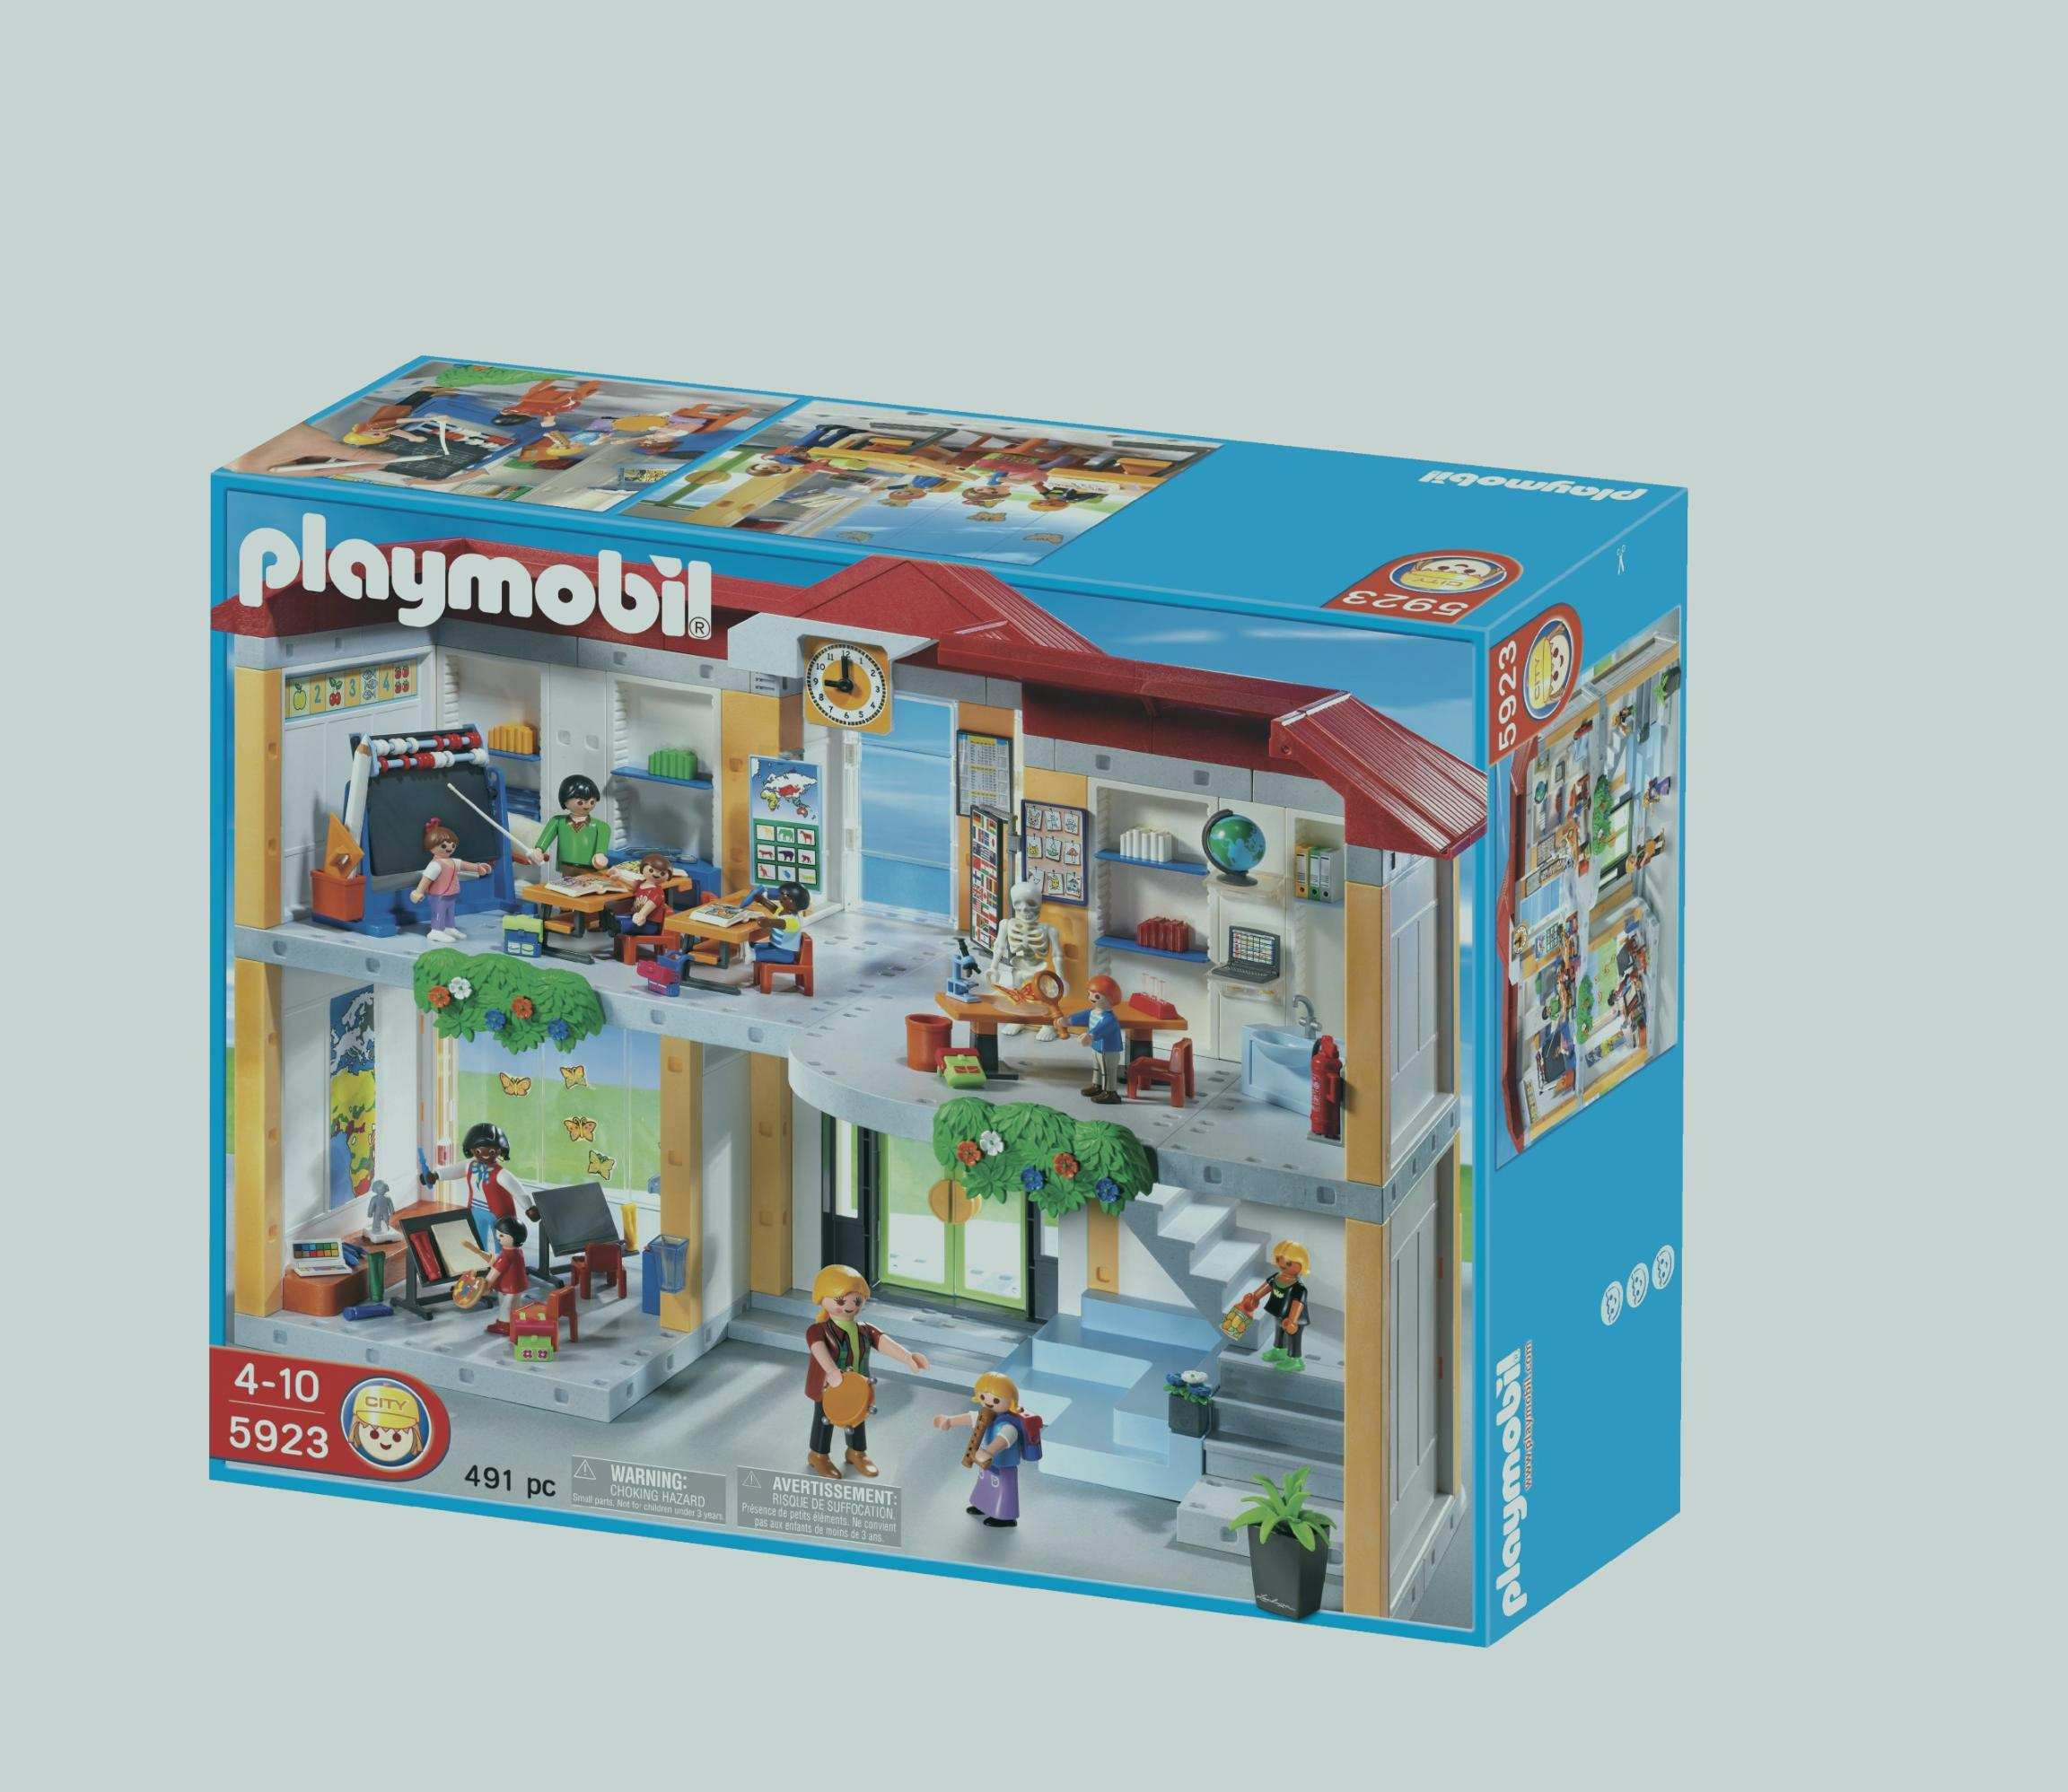 Jeux playmobil maison moderne gratuit